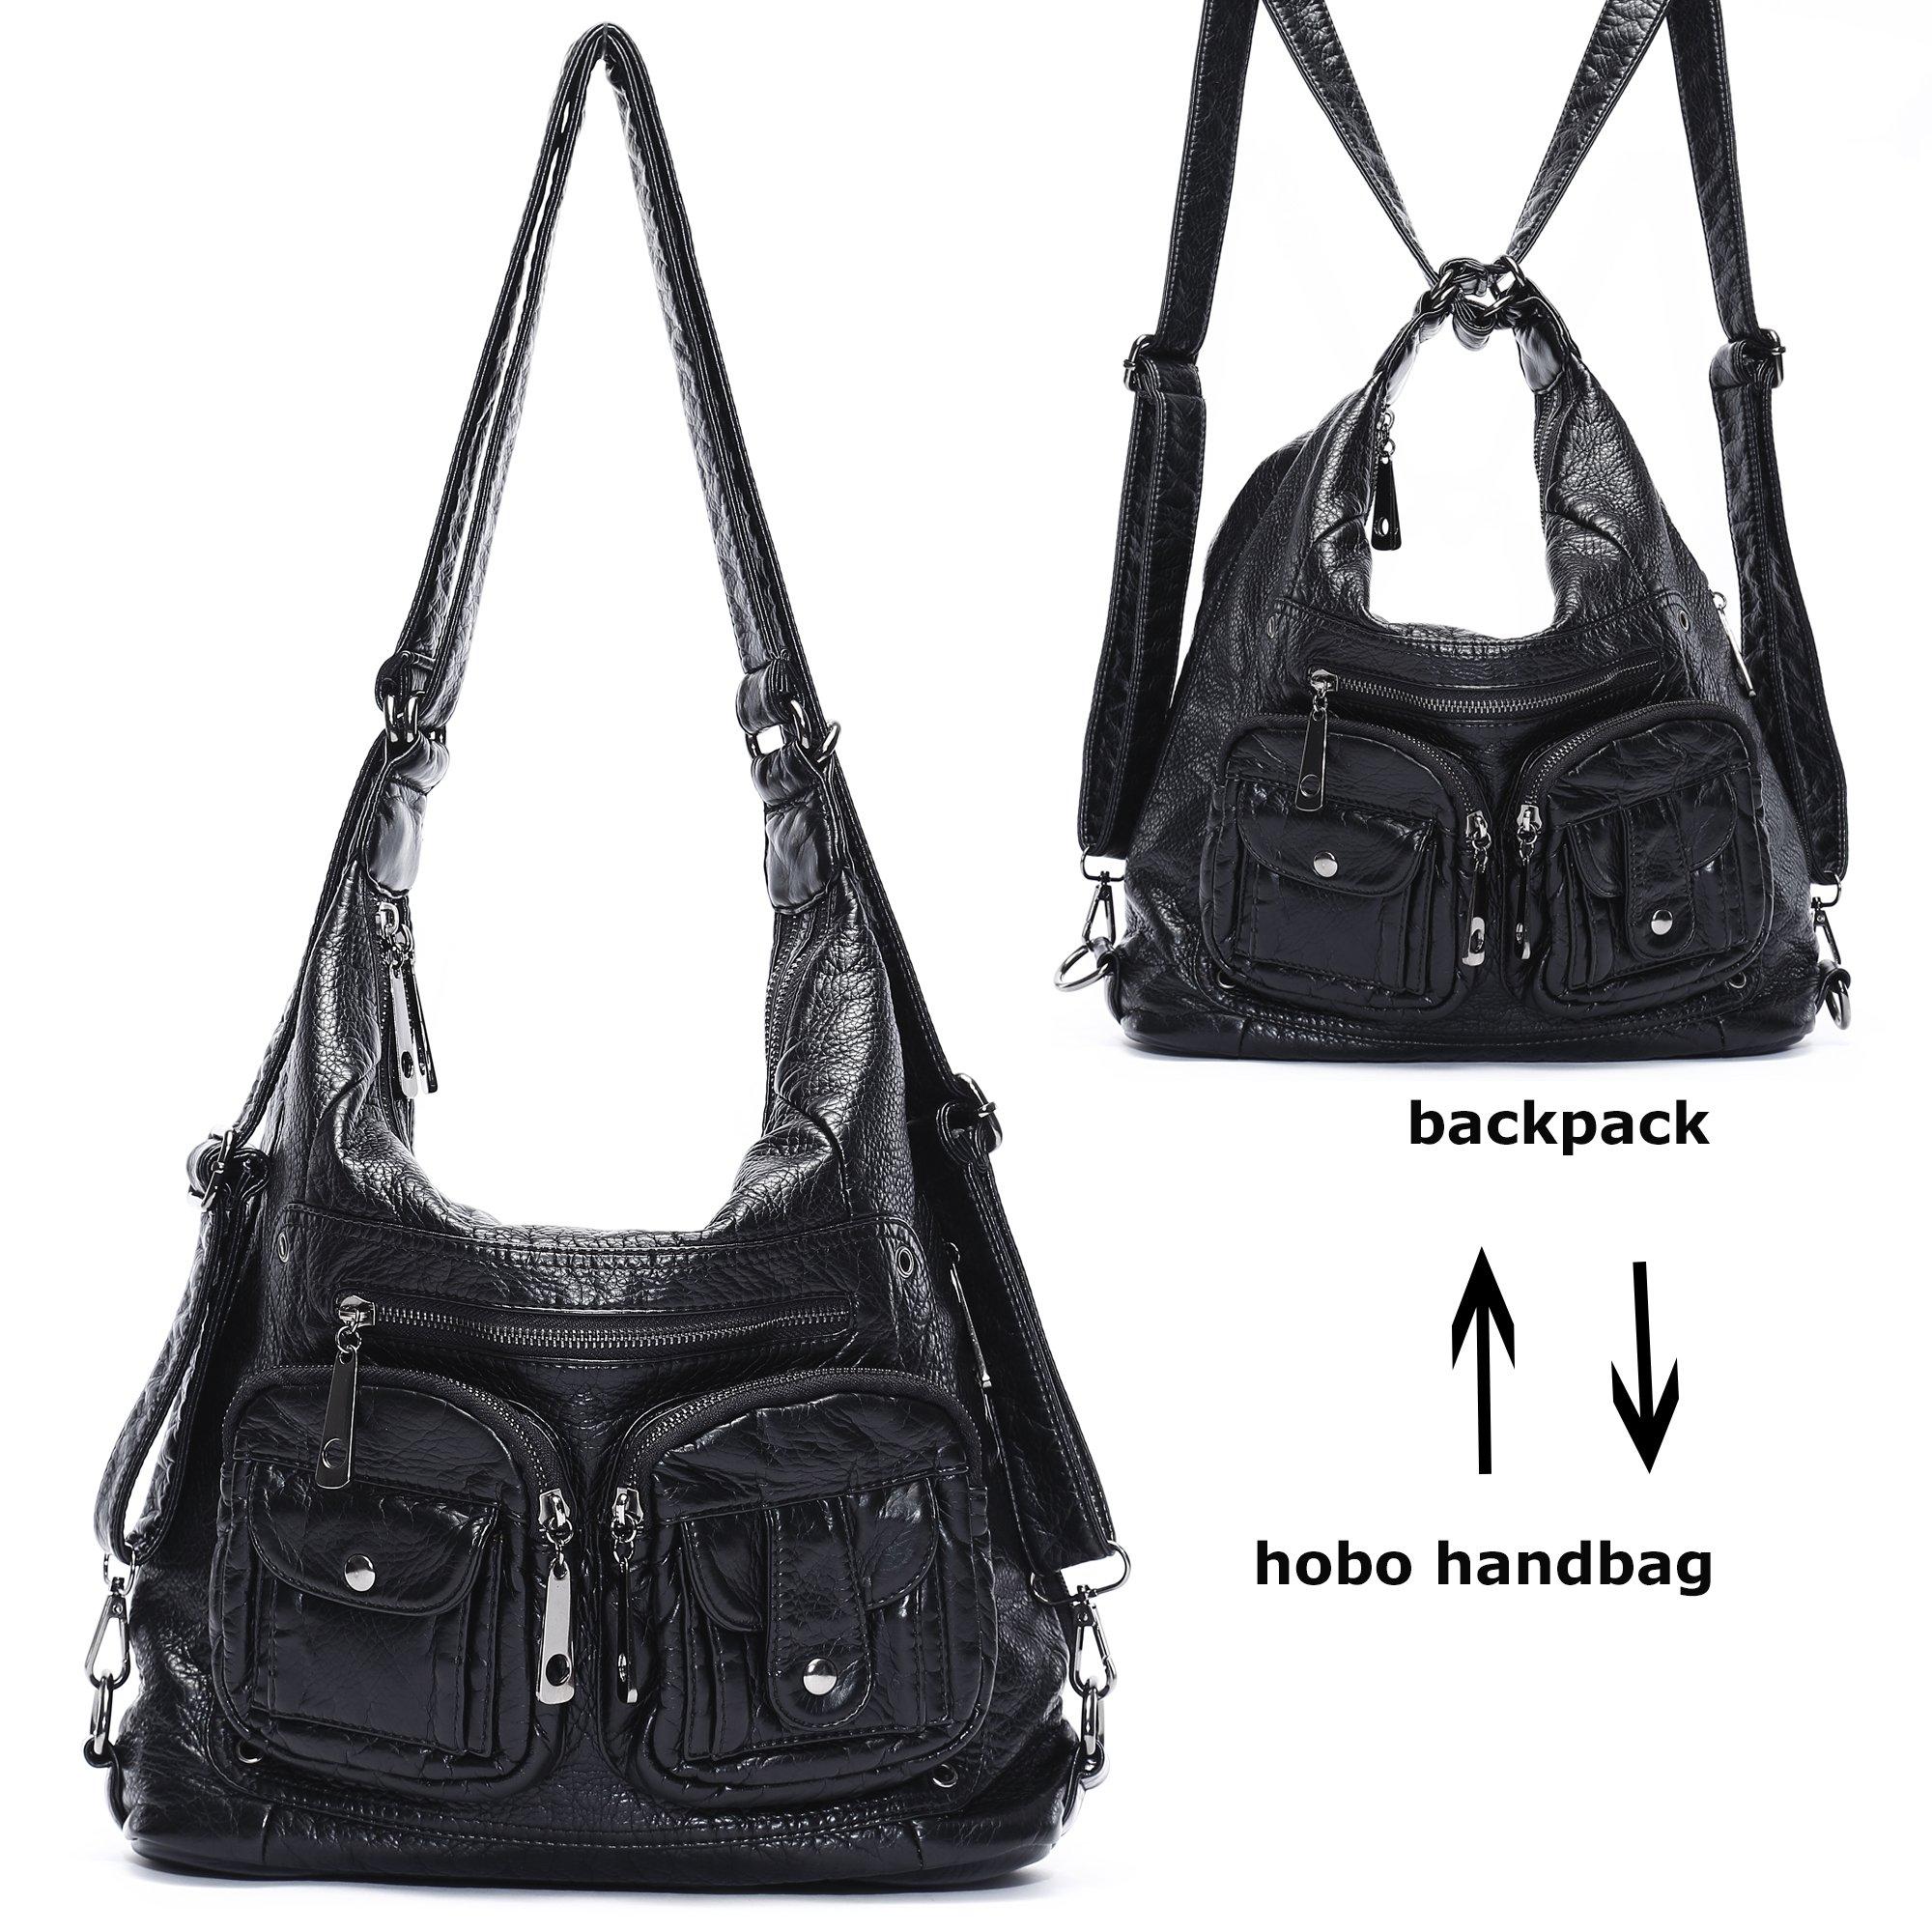 Mlife Soft Washed Leather Women Shoulder Bag Hobo Backpack (Black)